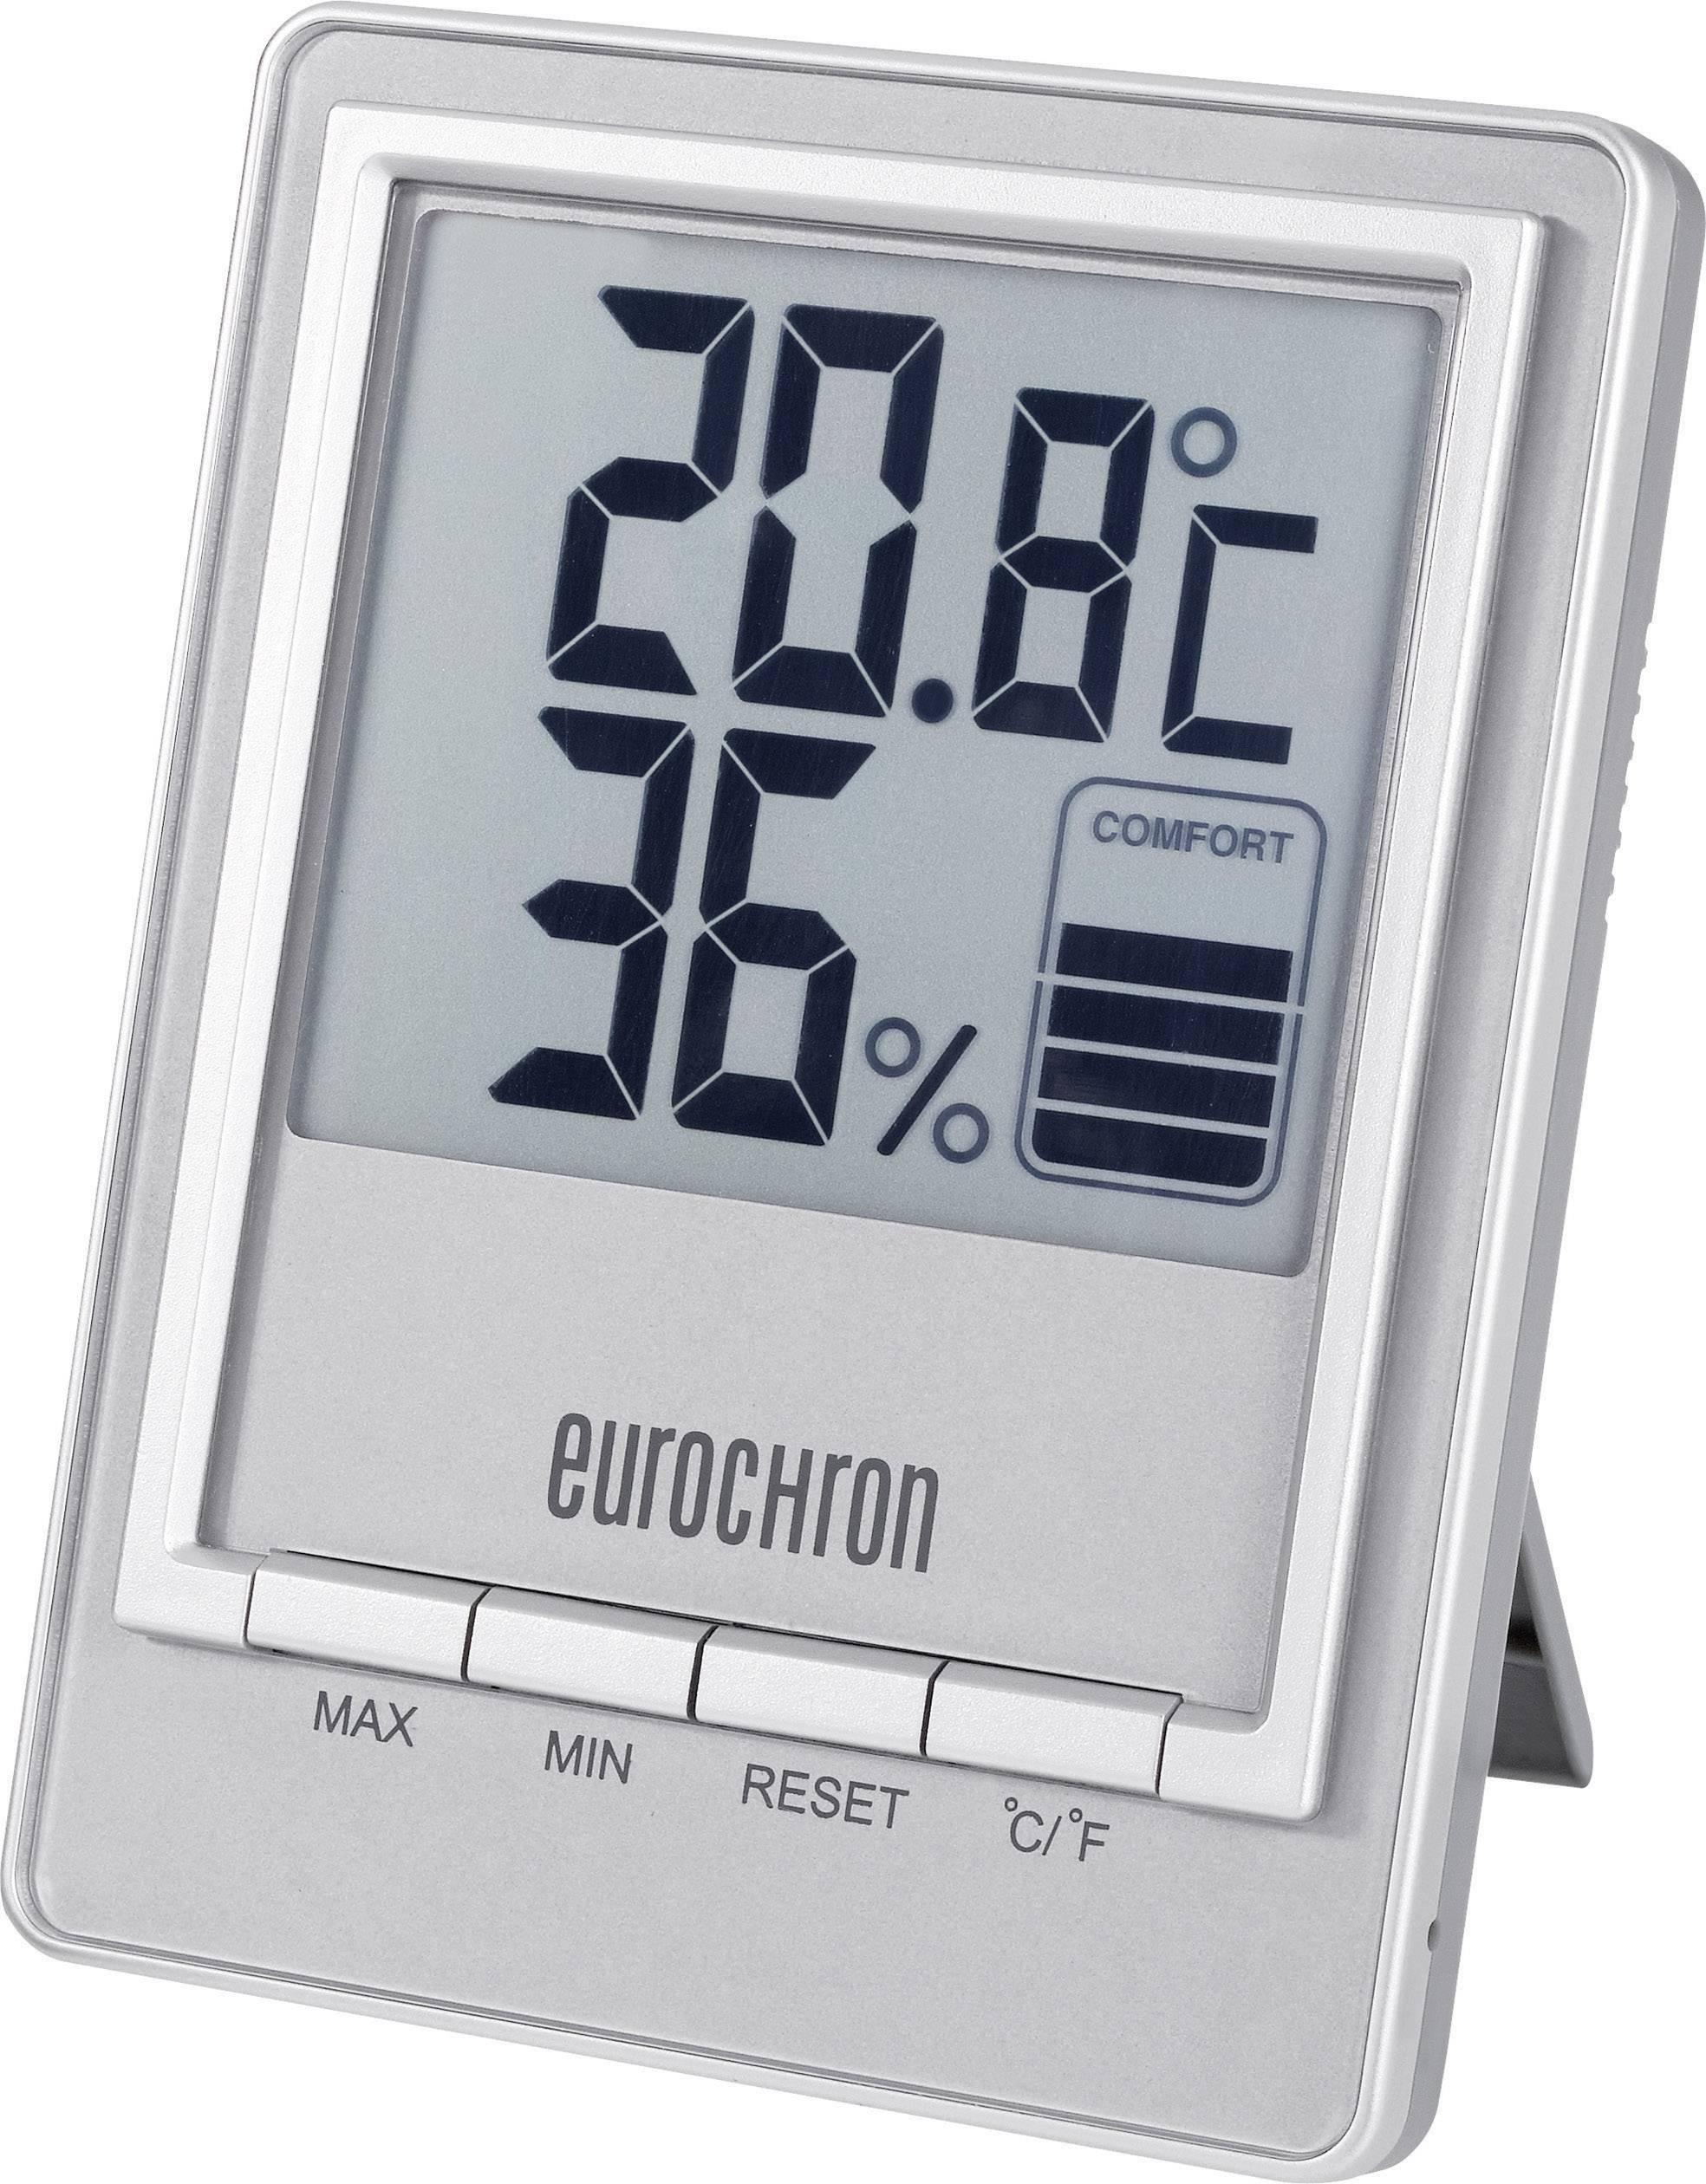 Digitálny teplomer s vlhkomerom Eurochron ETH 8001